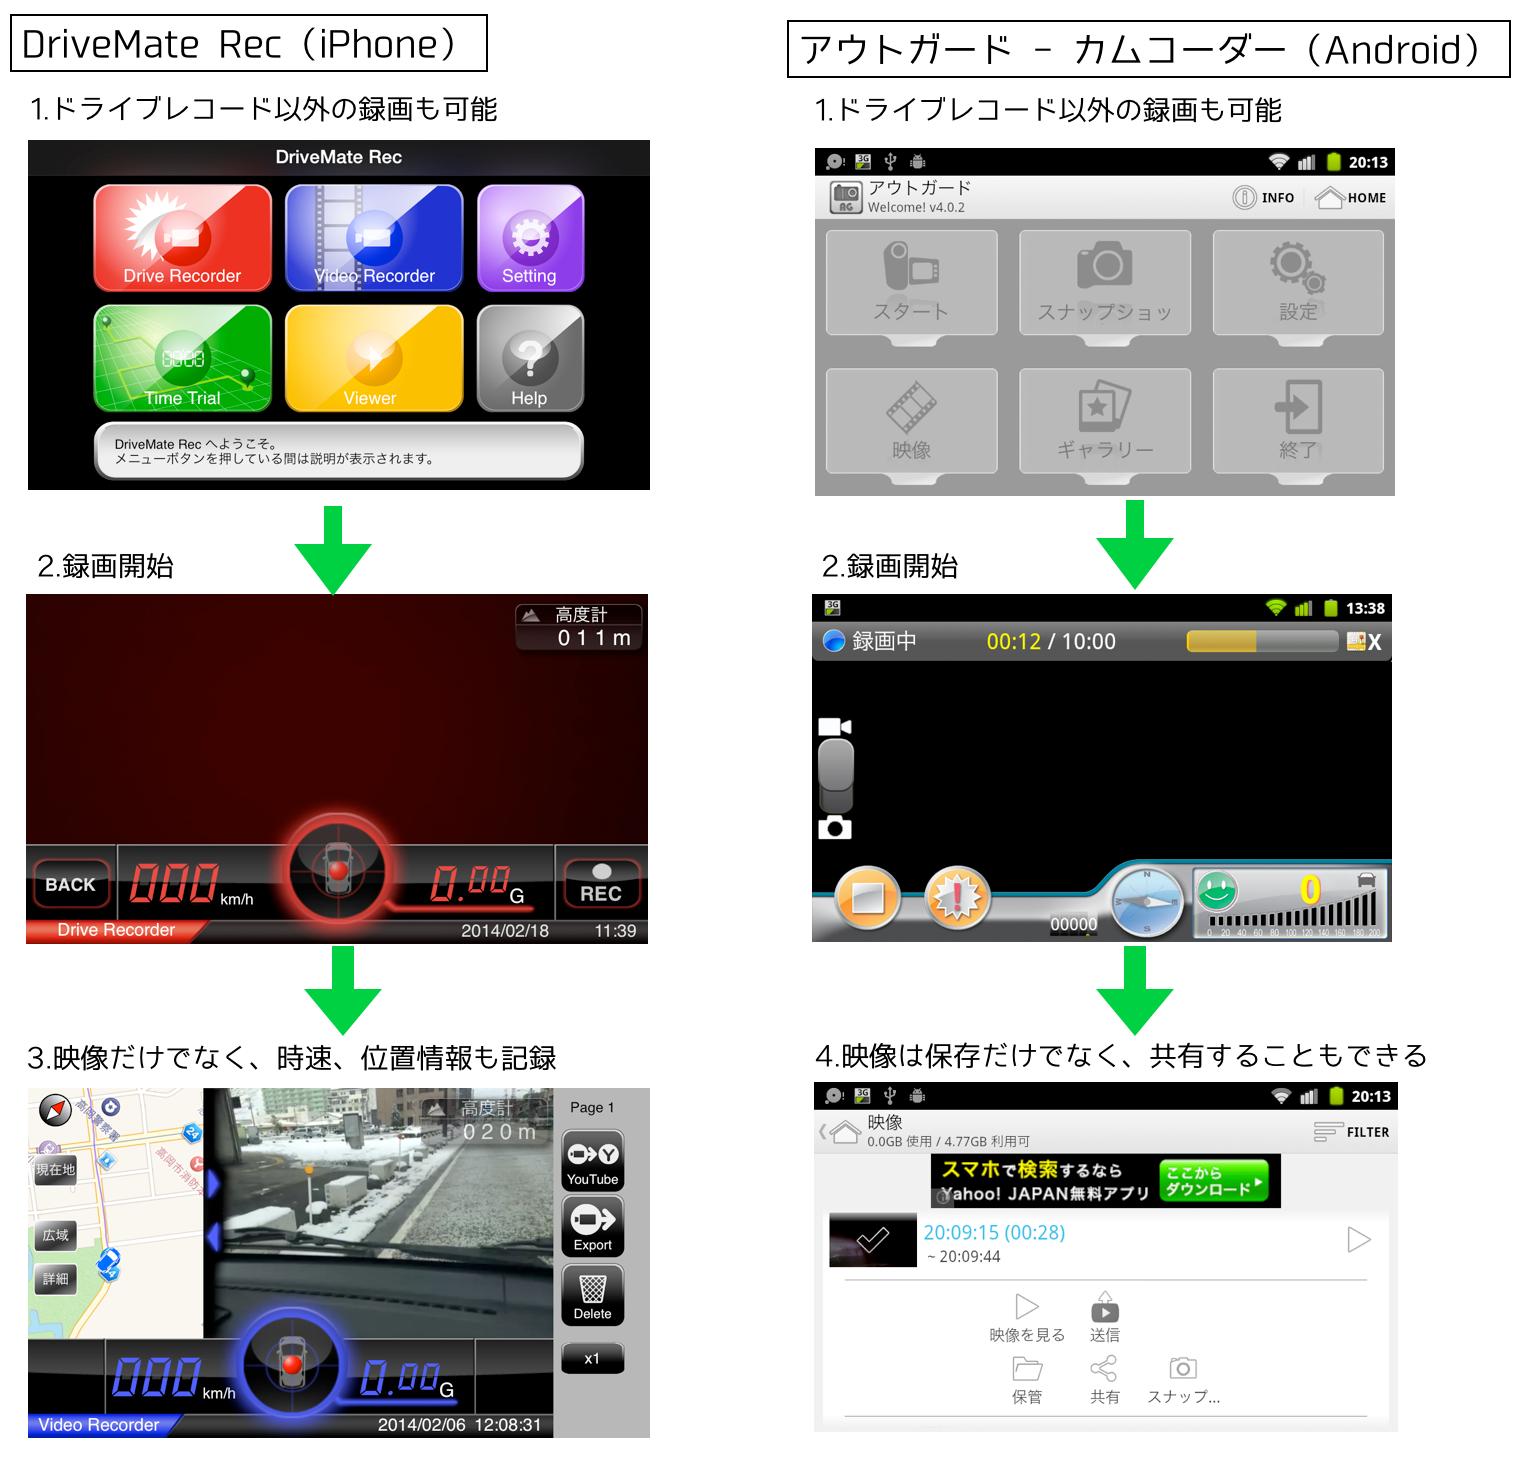 DriveMate Rec/アウトガード – カムコーダー